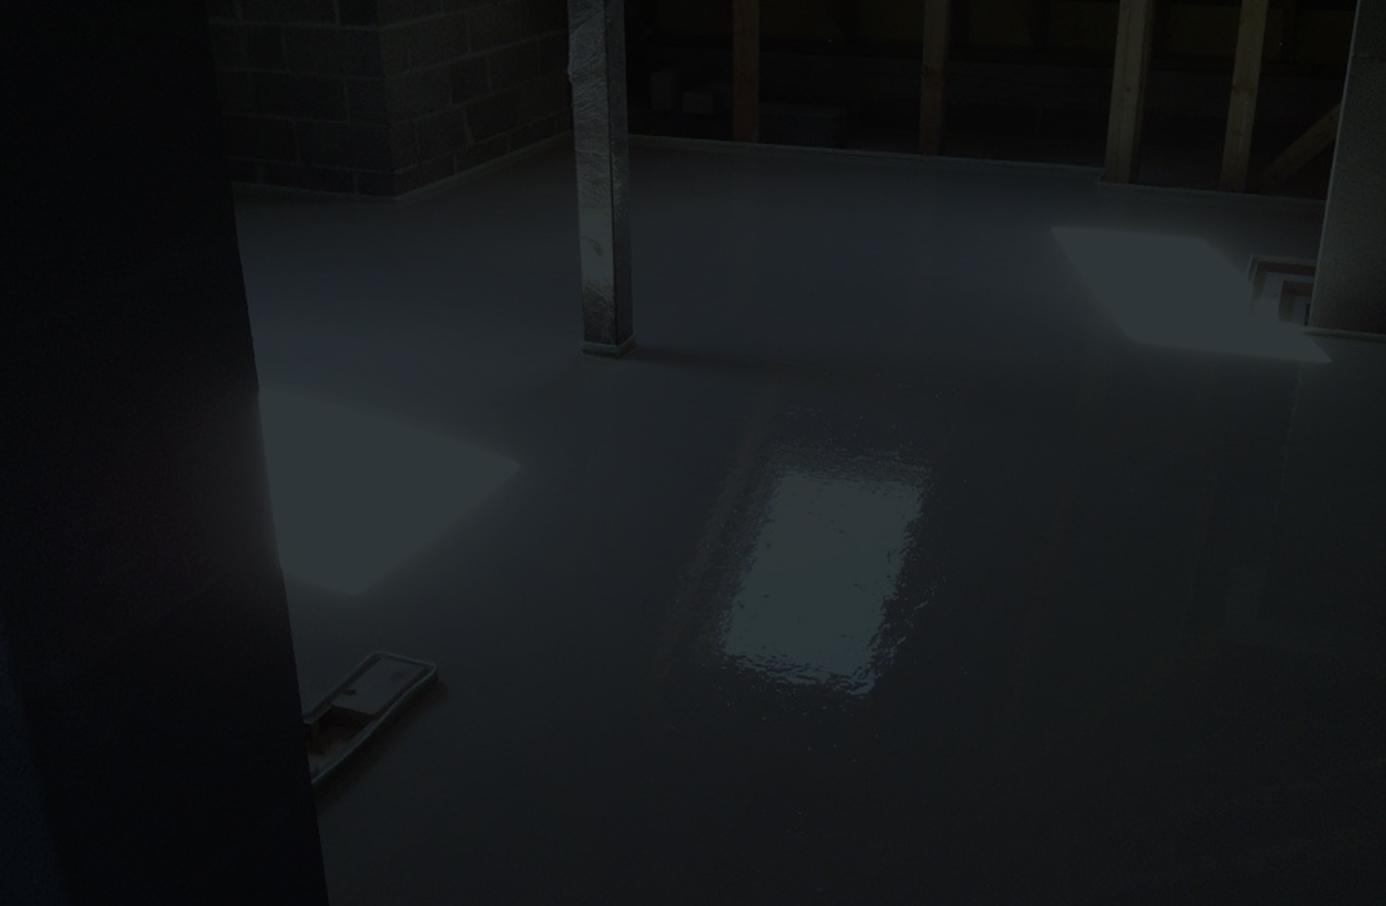 Sobilik renoveerimiseks ja päris uue põranda valamiseks